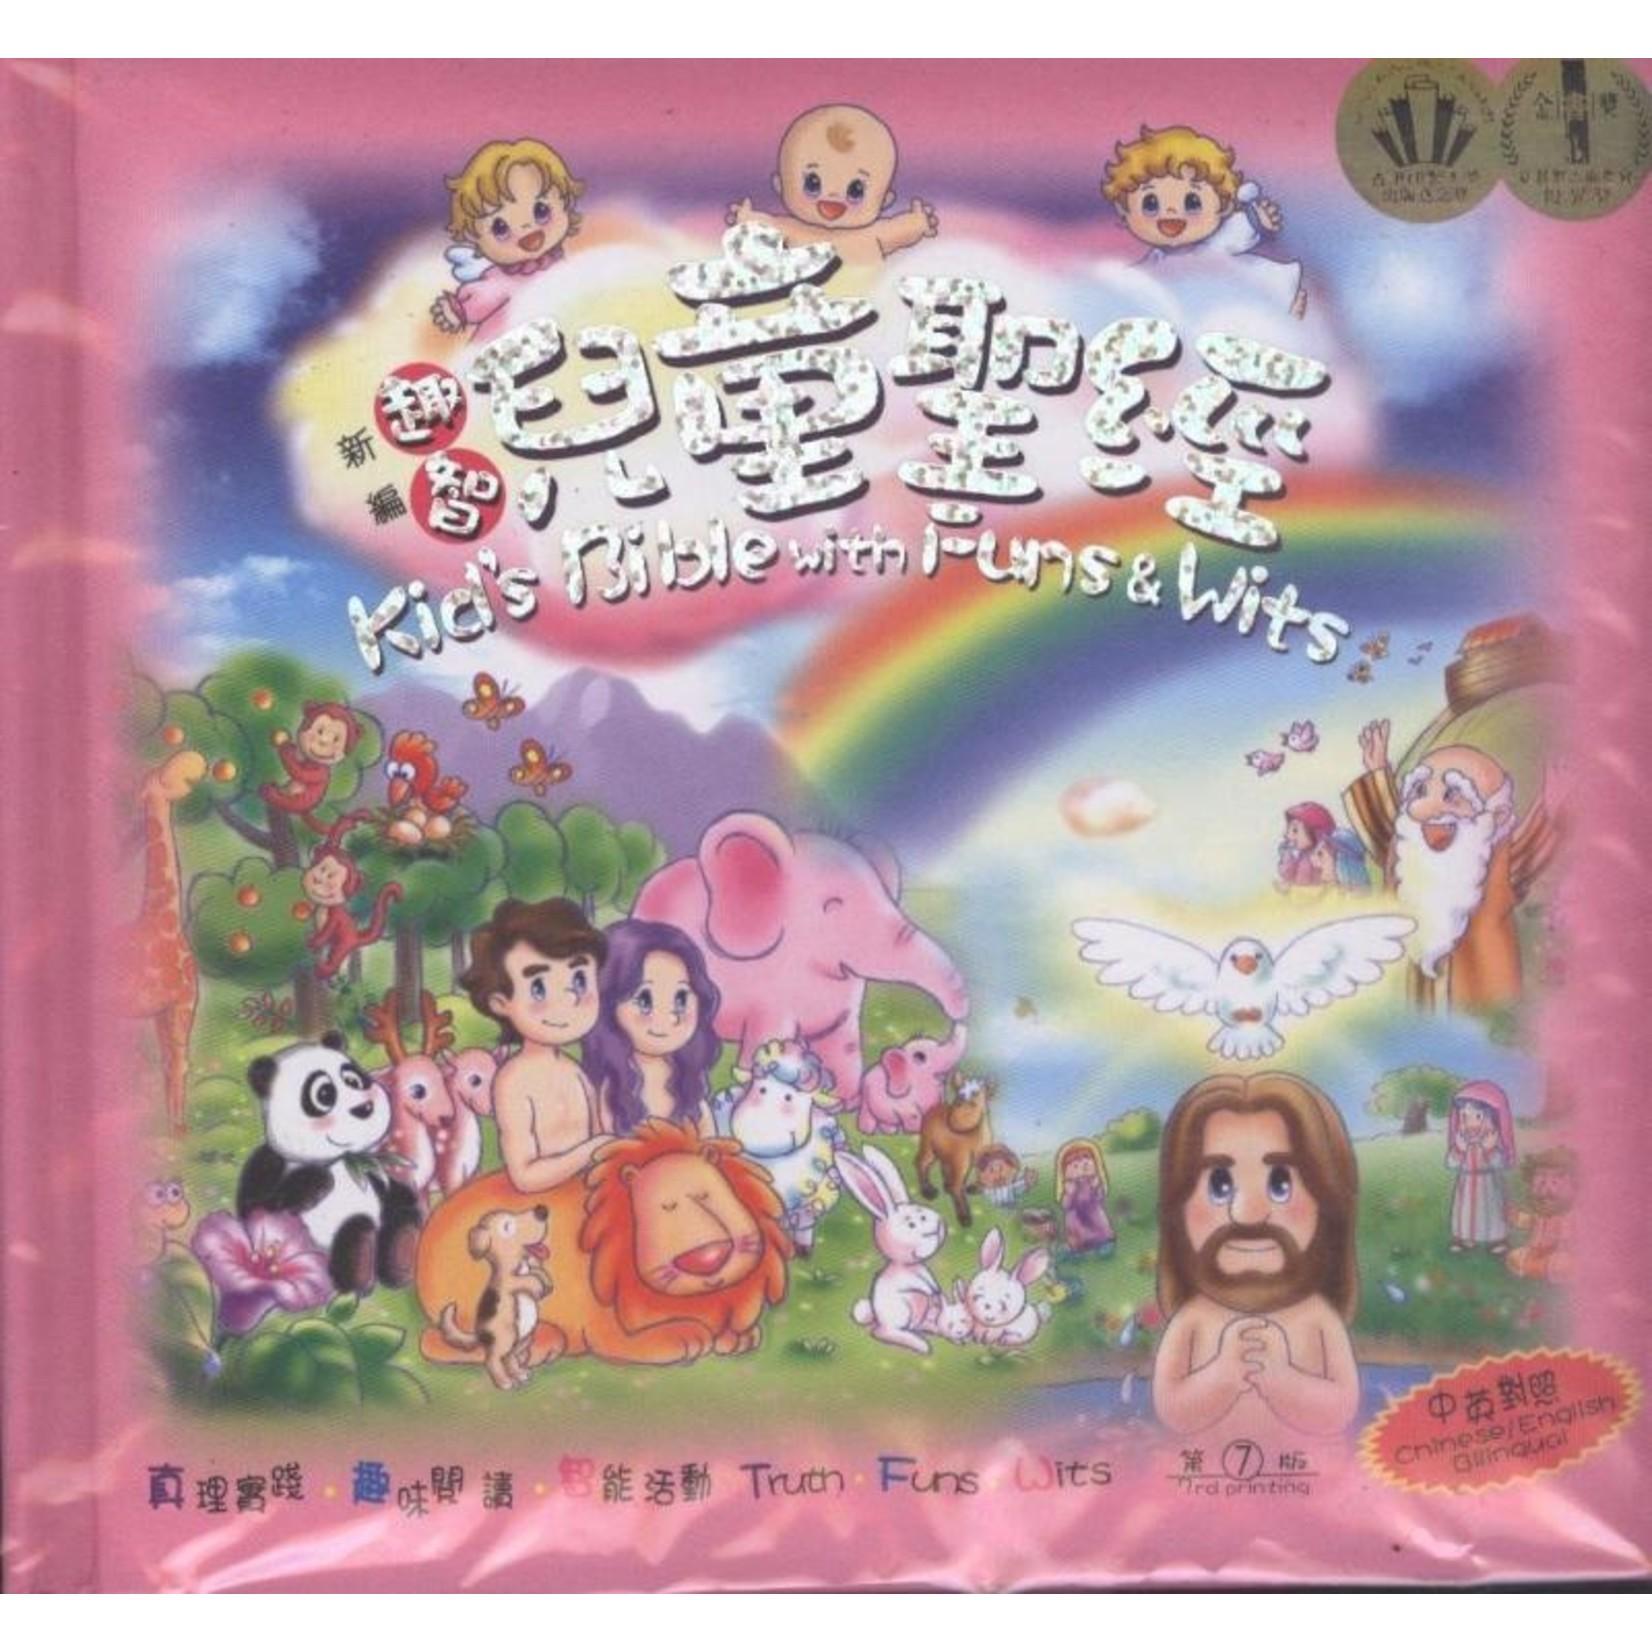 創世記設計製作 Creator Design & Production 新編趣智兒童聖經第一輯(中英對照)